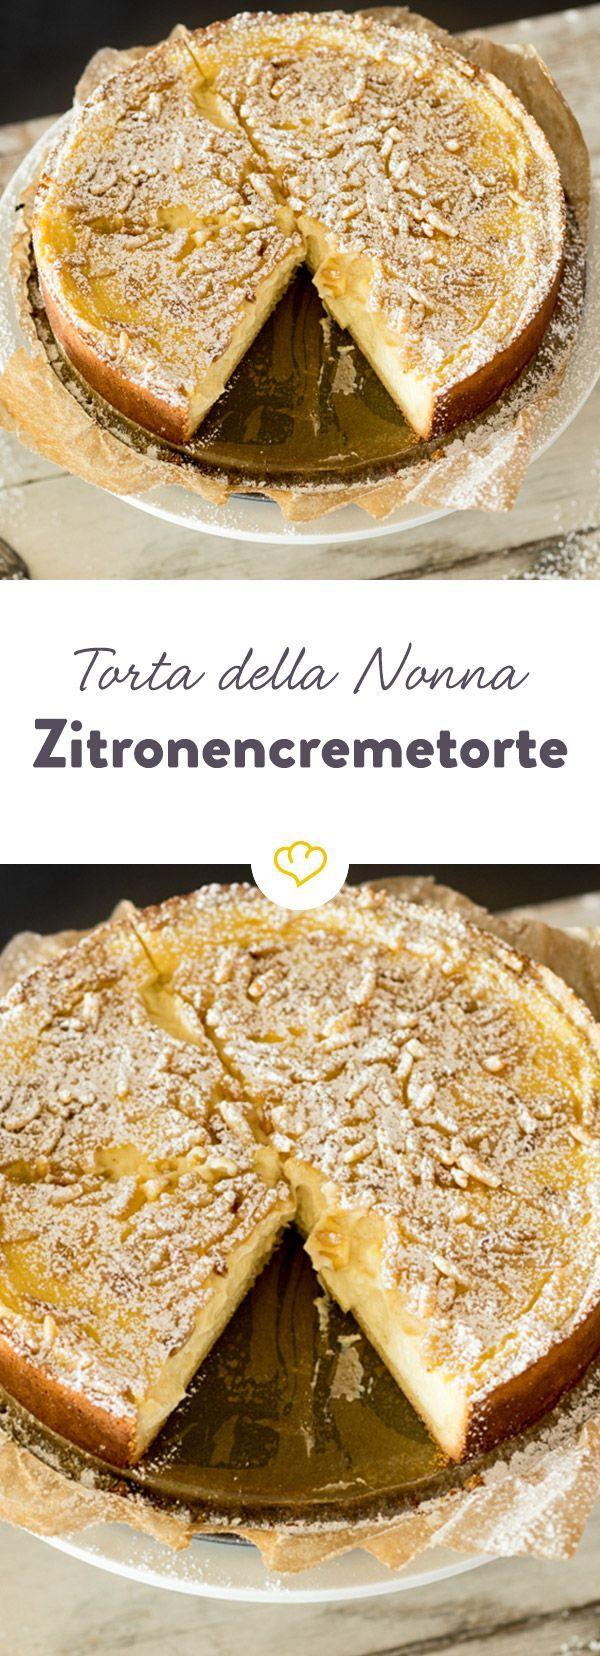 Blättriger Mürbeteig gefüllt mit vanilliger Zitronencreme, getoppt mit knackigen Pinienkernen - Italienische Spezialität